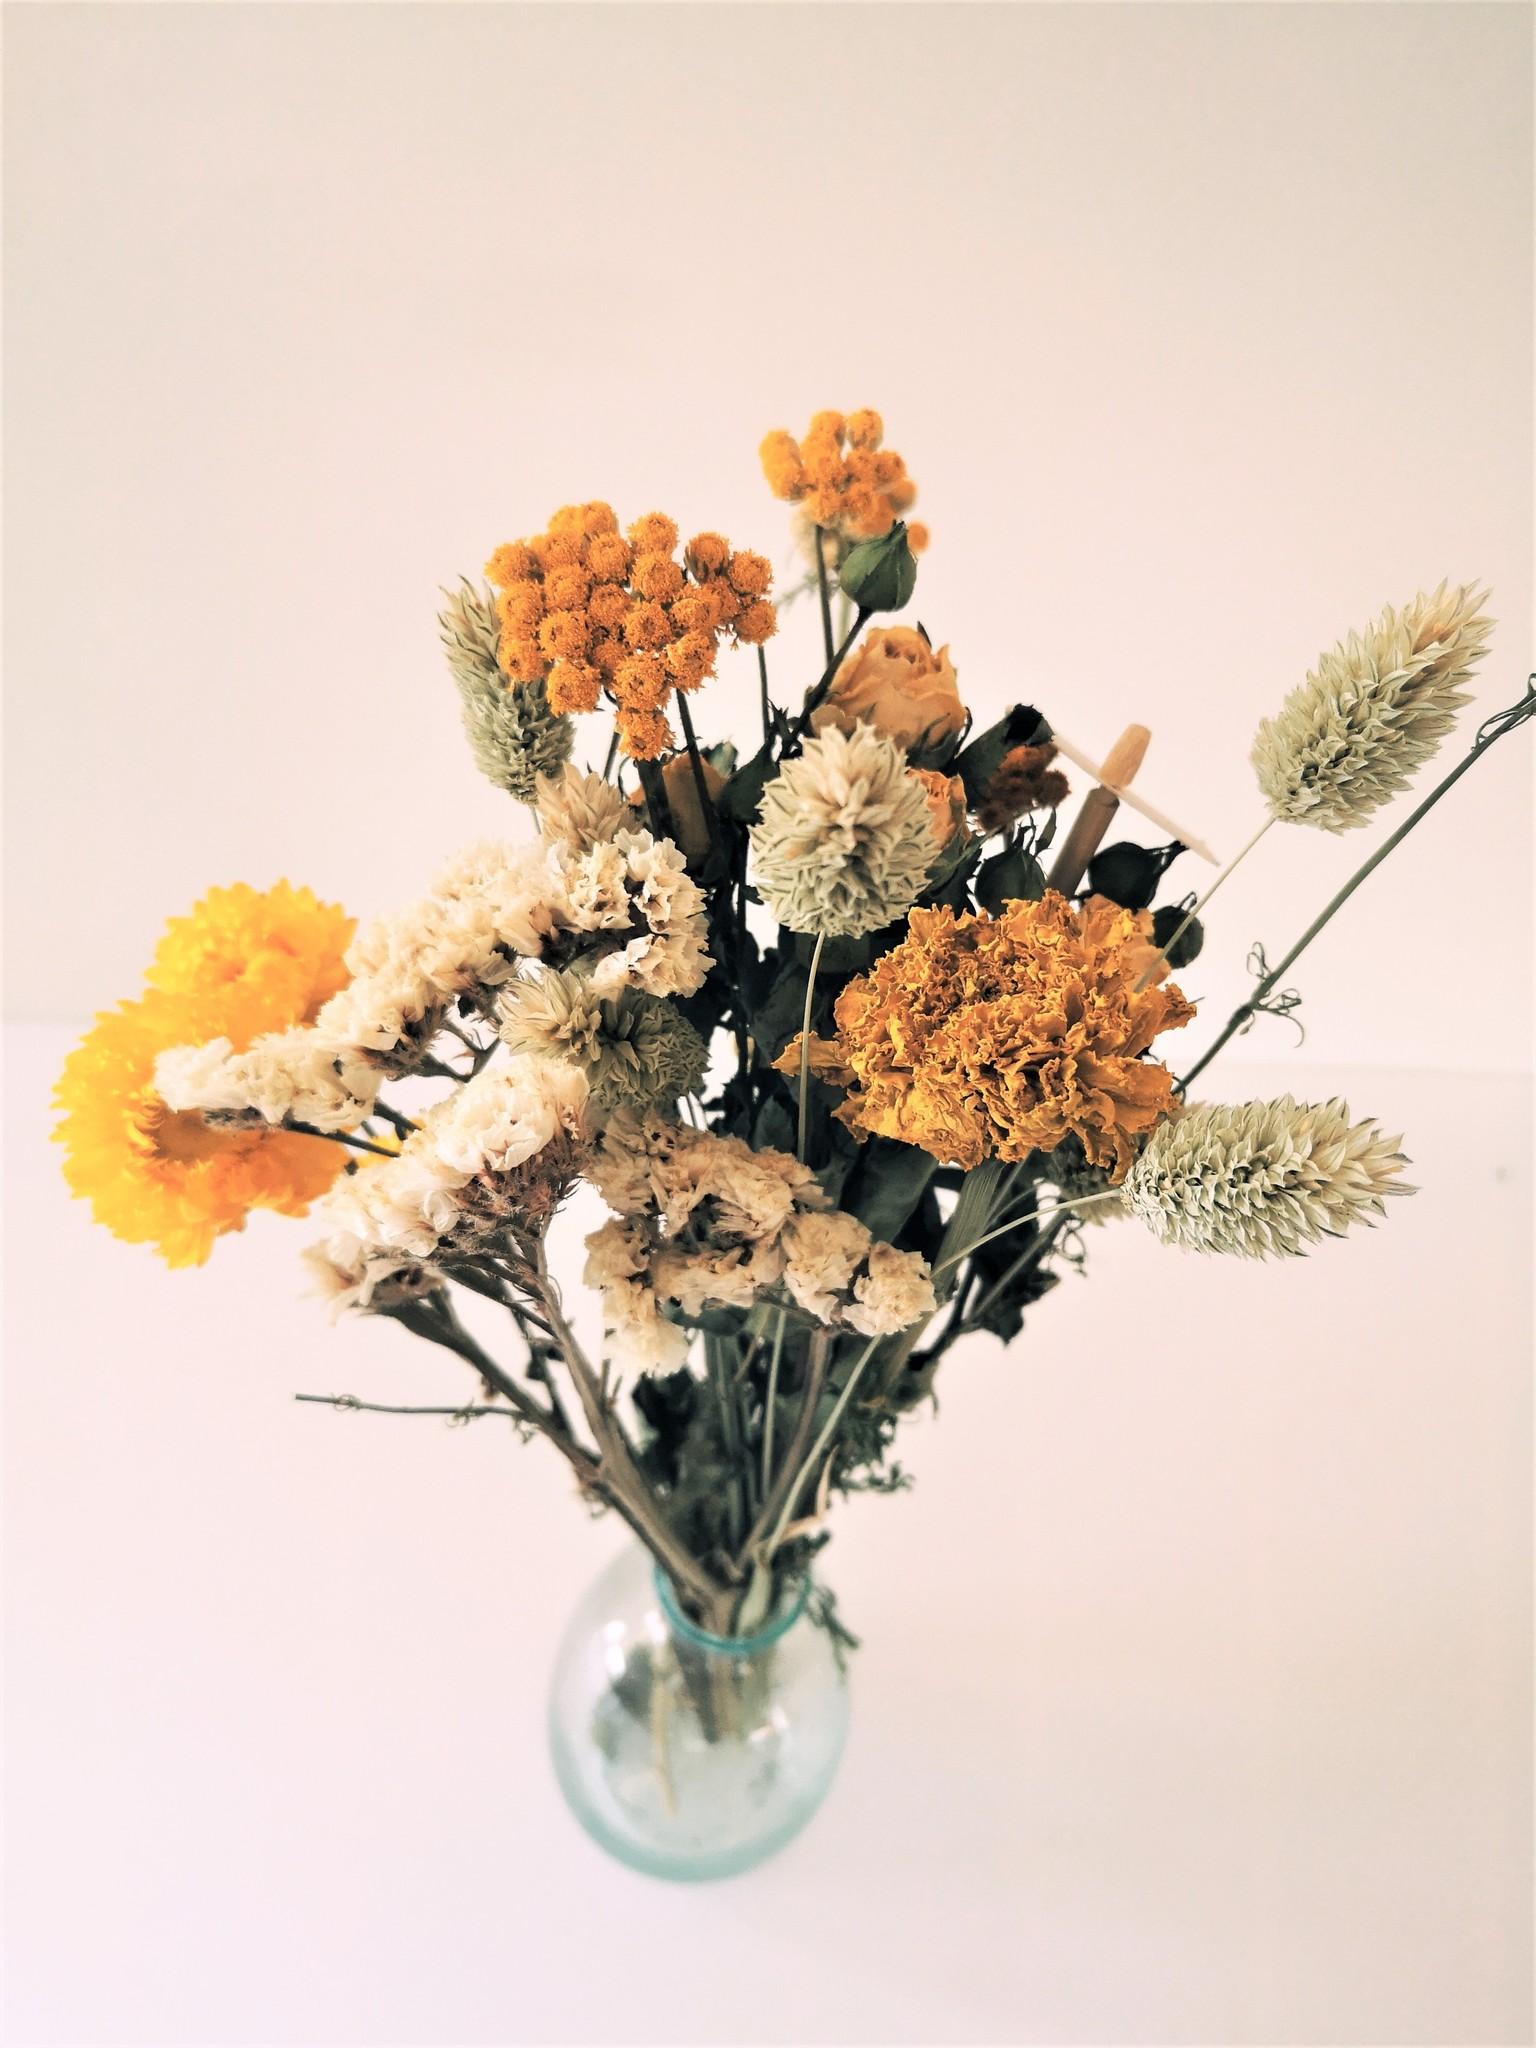 Wildflowers JULIETTE - Small-1